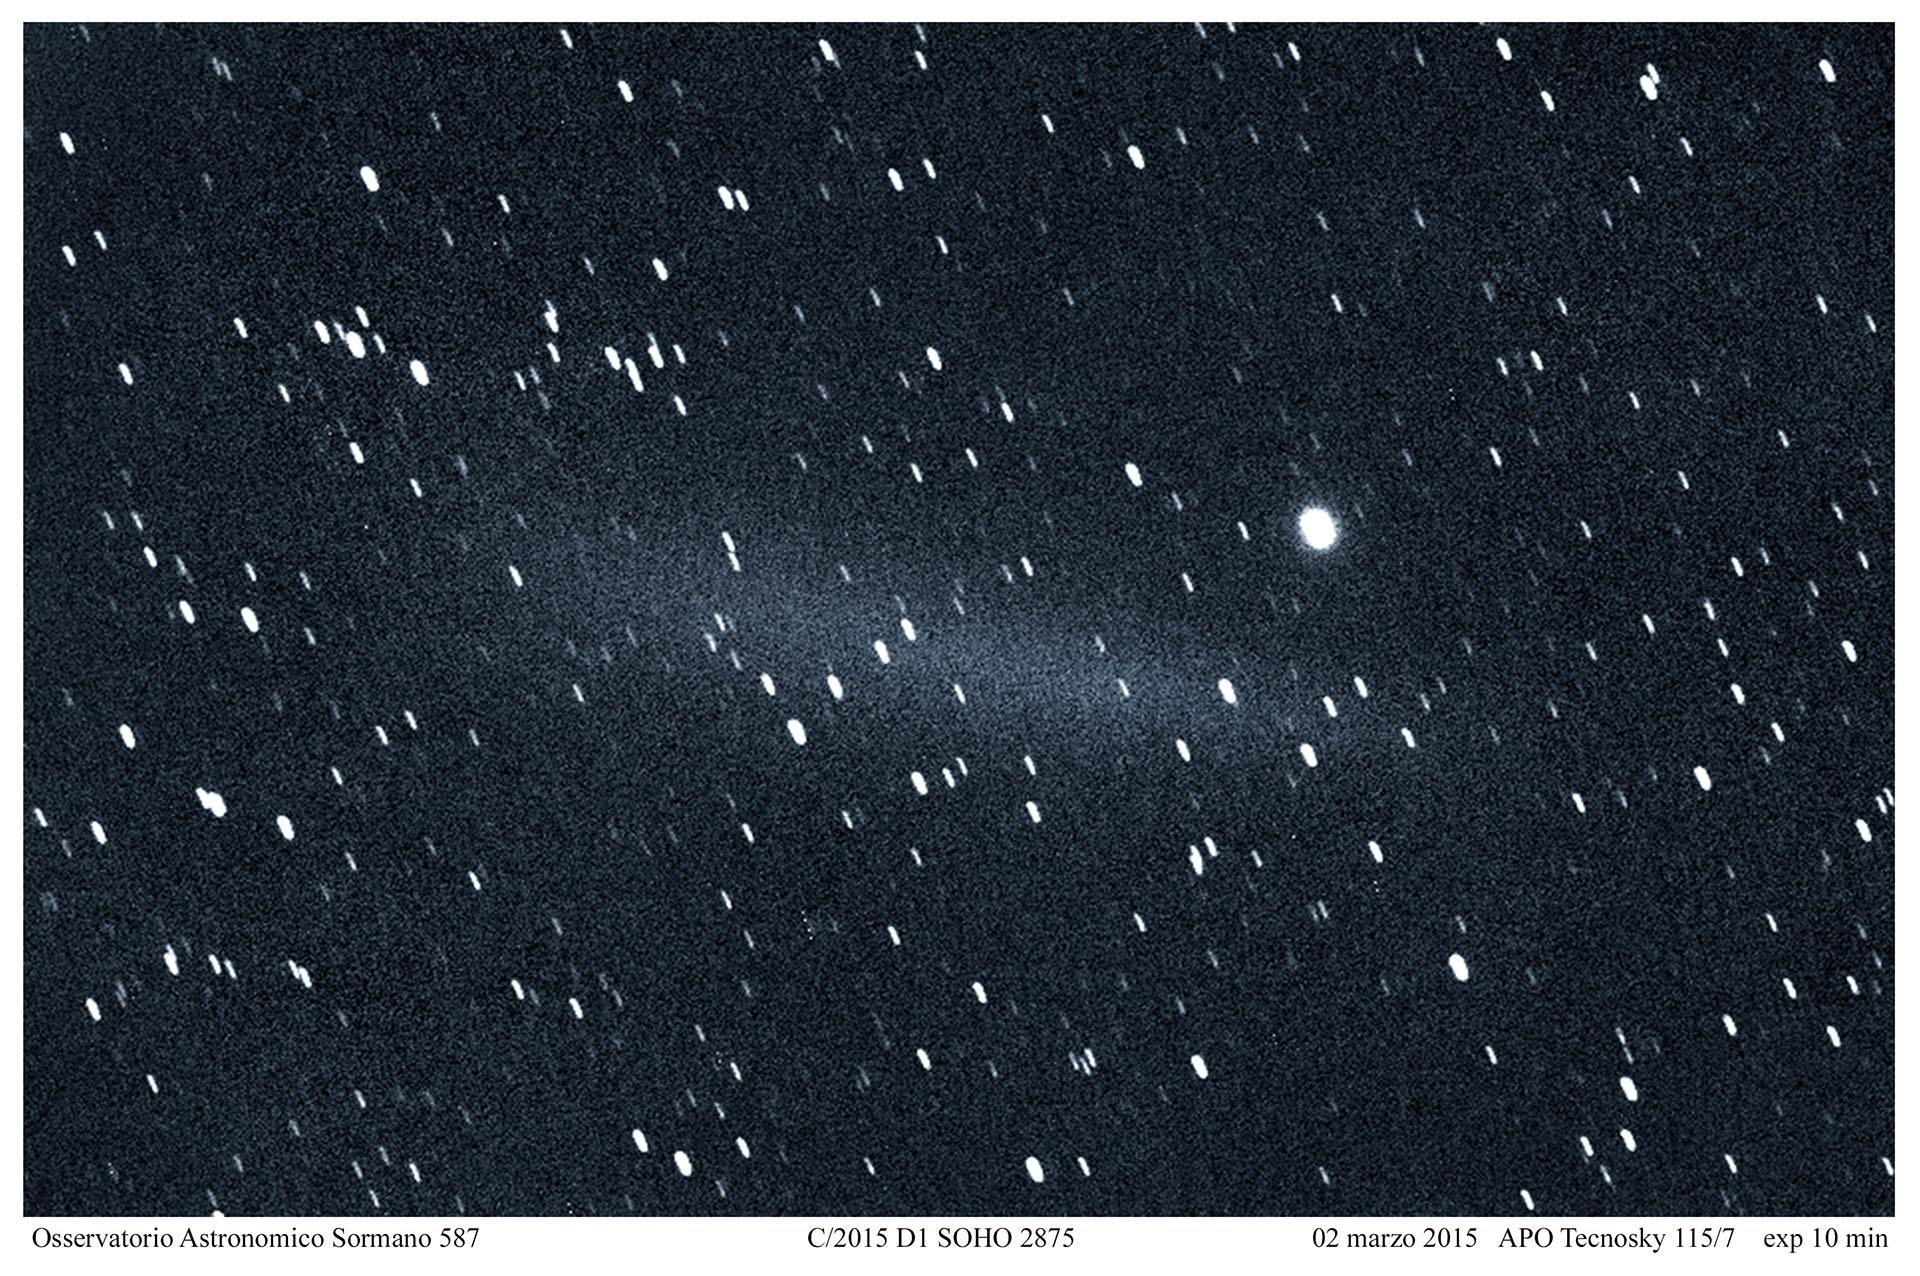 Il fantasma della cometa